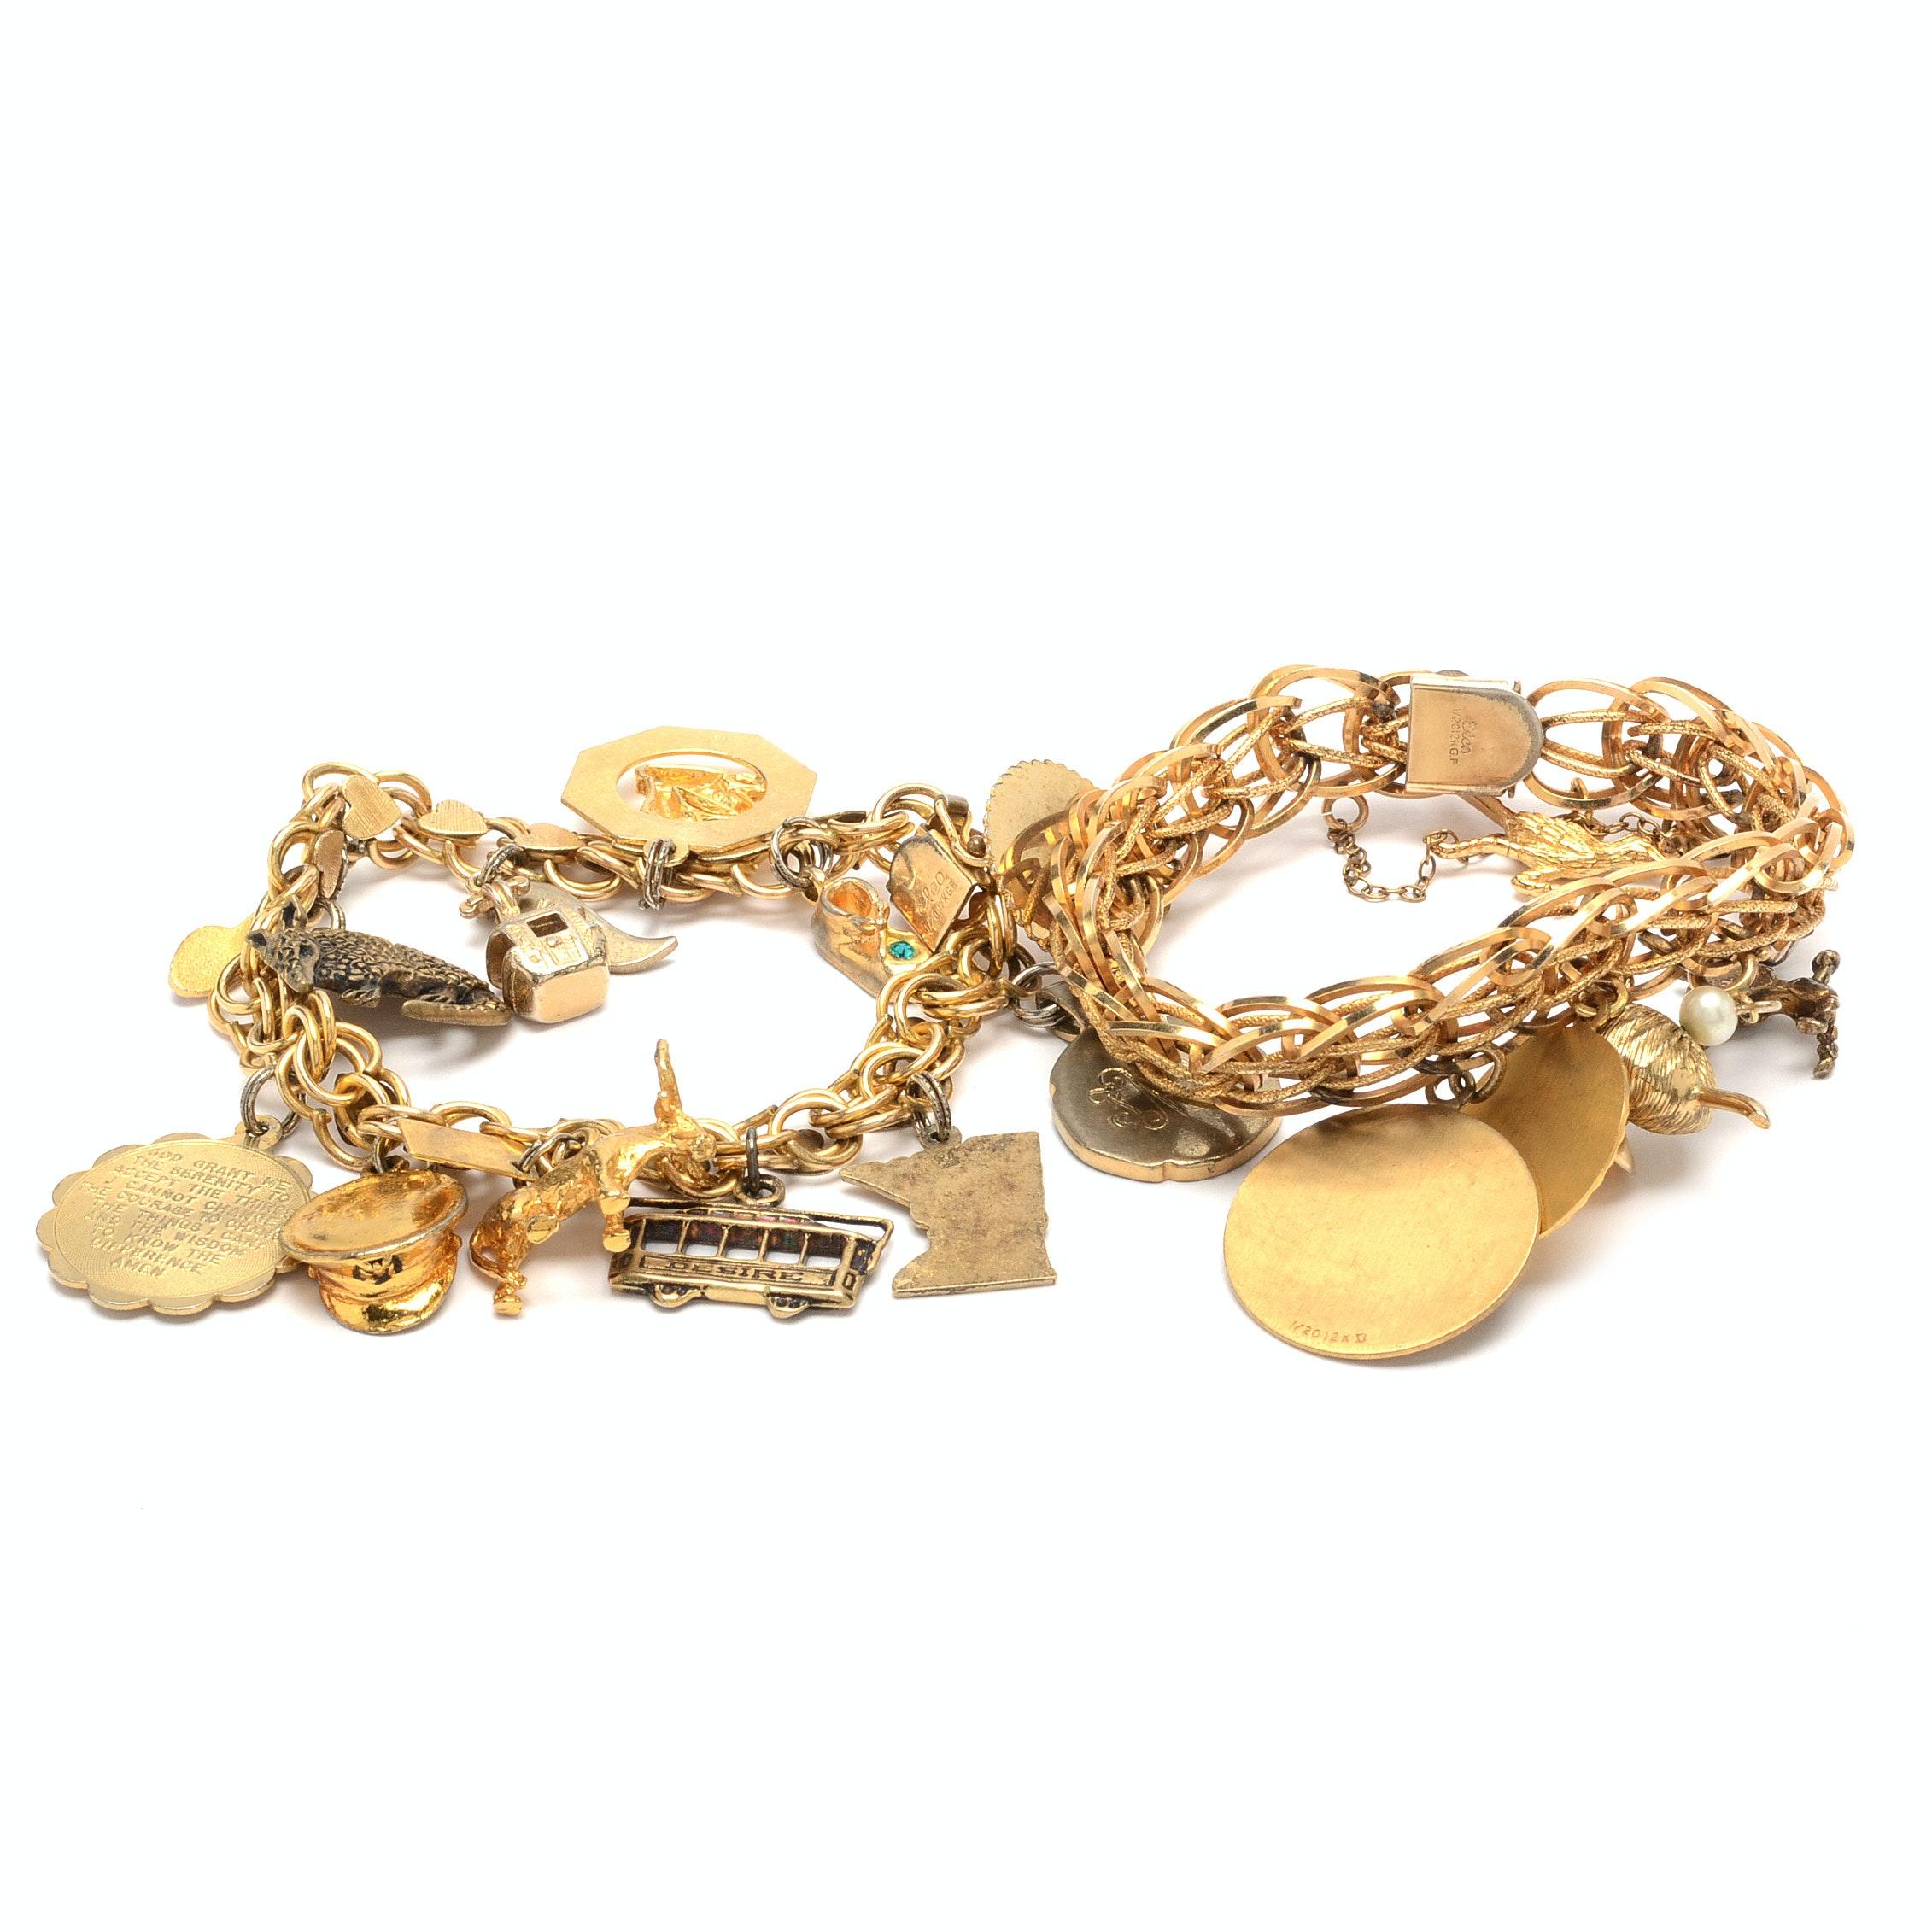 Gold Filled Charm Bracelets